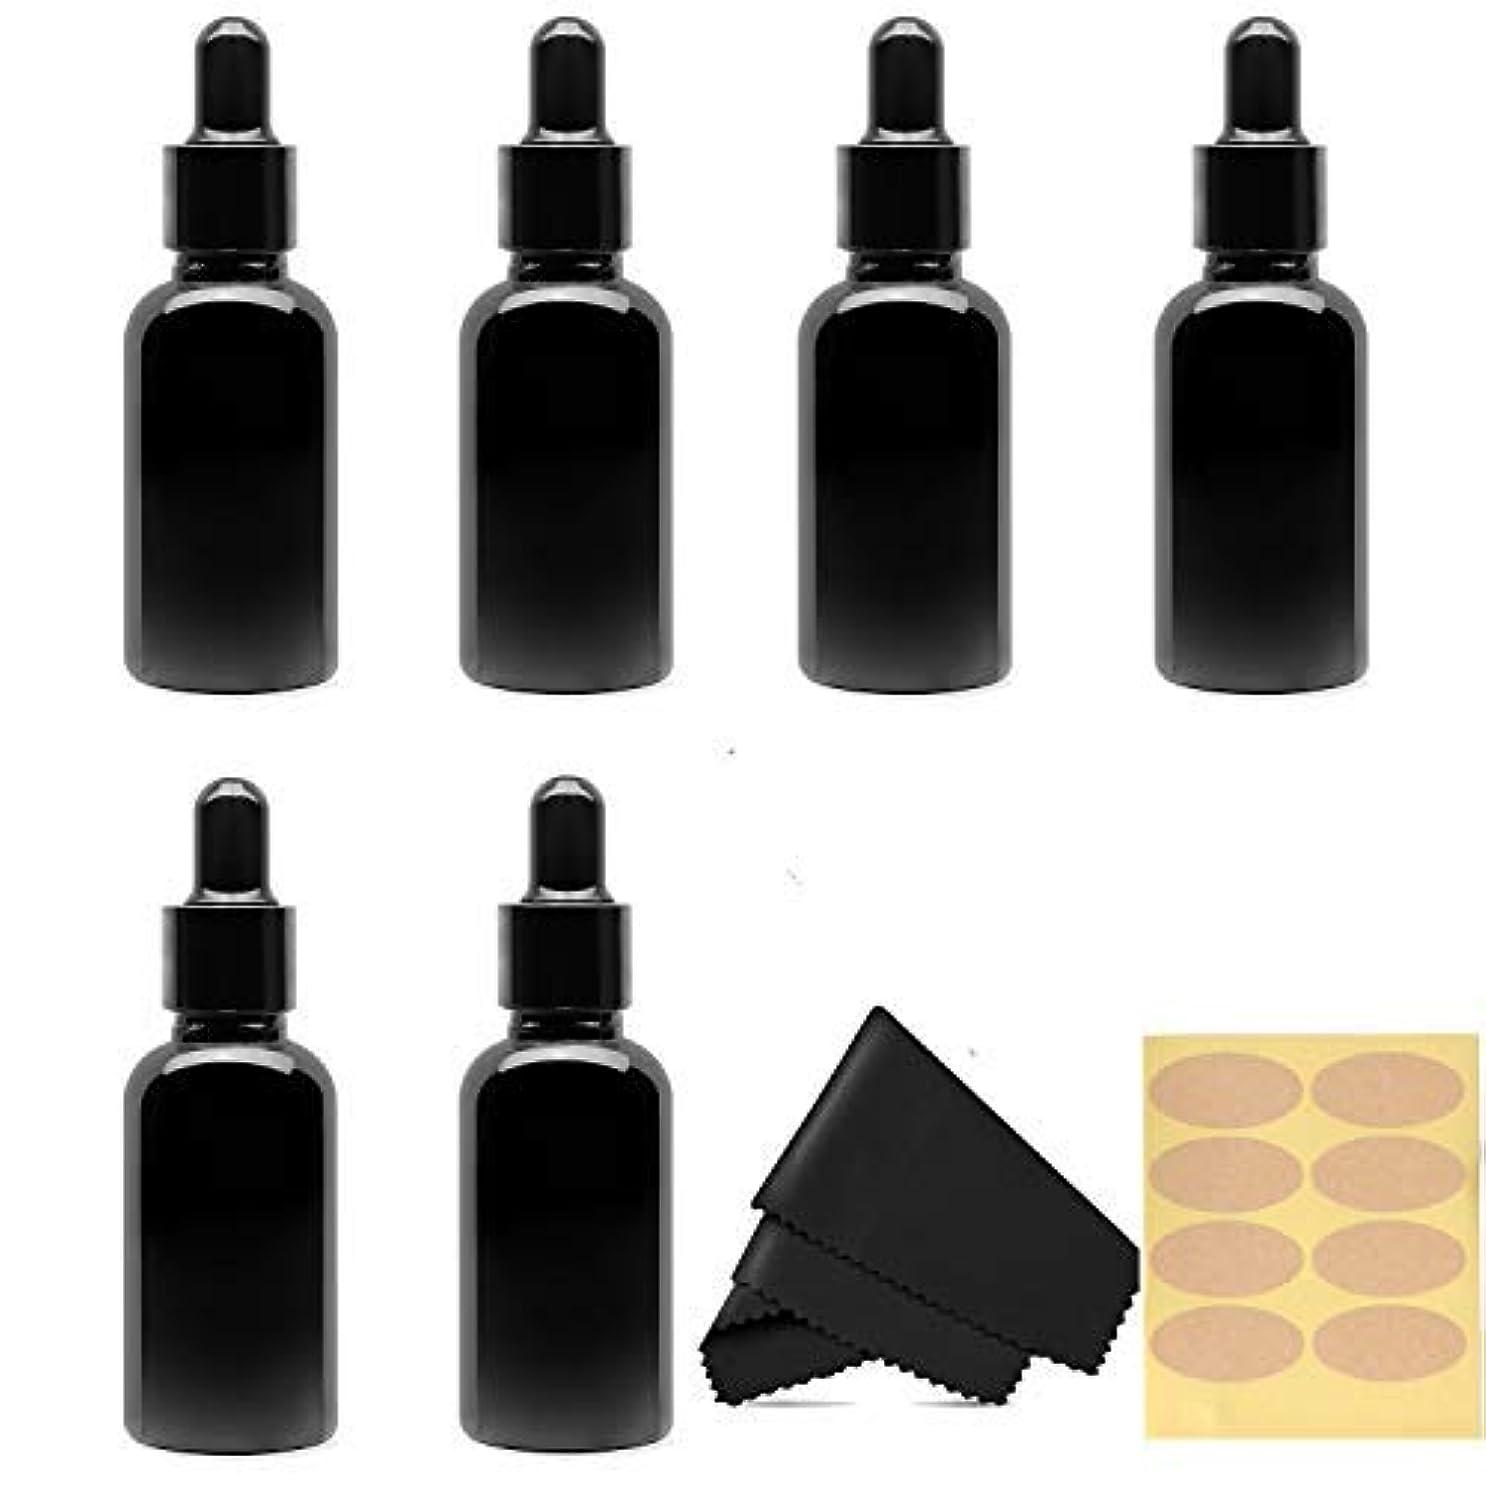 革新開拓者インシデント30 Ml (1 fl oz) Black Glass Essential Oil Bottles with Eye Droppers, 6 Pack [並行輸入品]